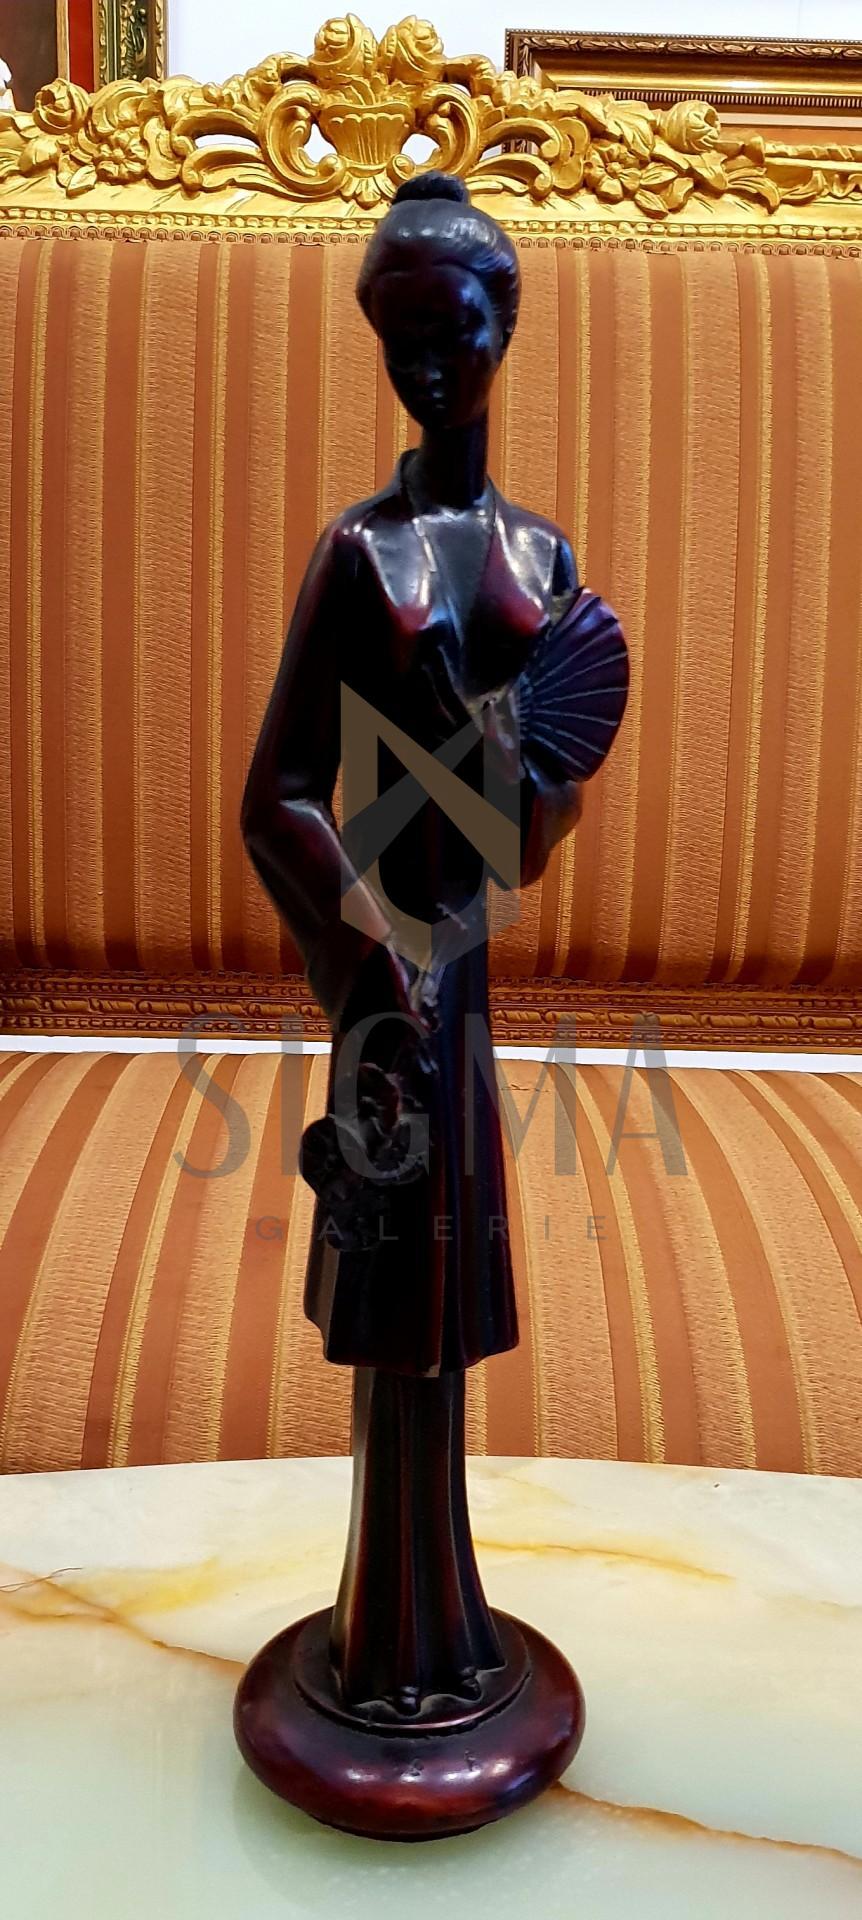 Sculptura din rasina, reprezentand o tanara japoneza cu evantai.